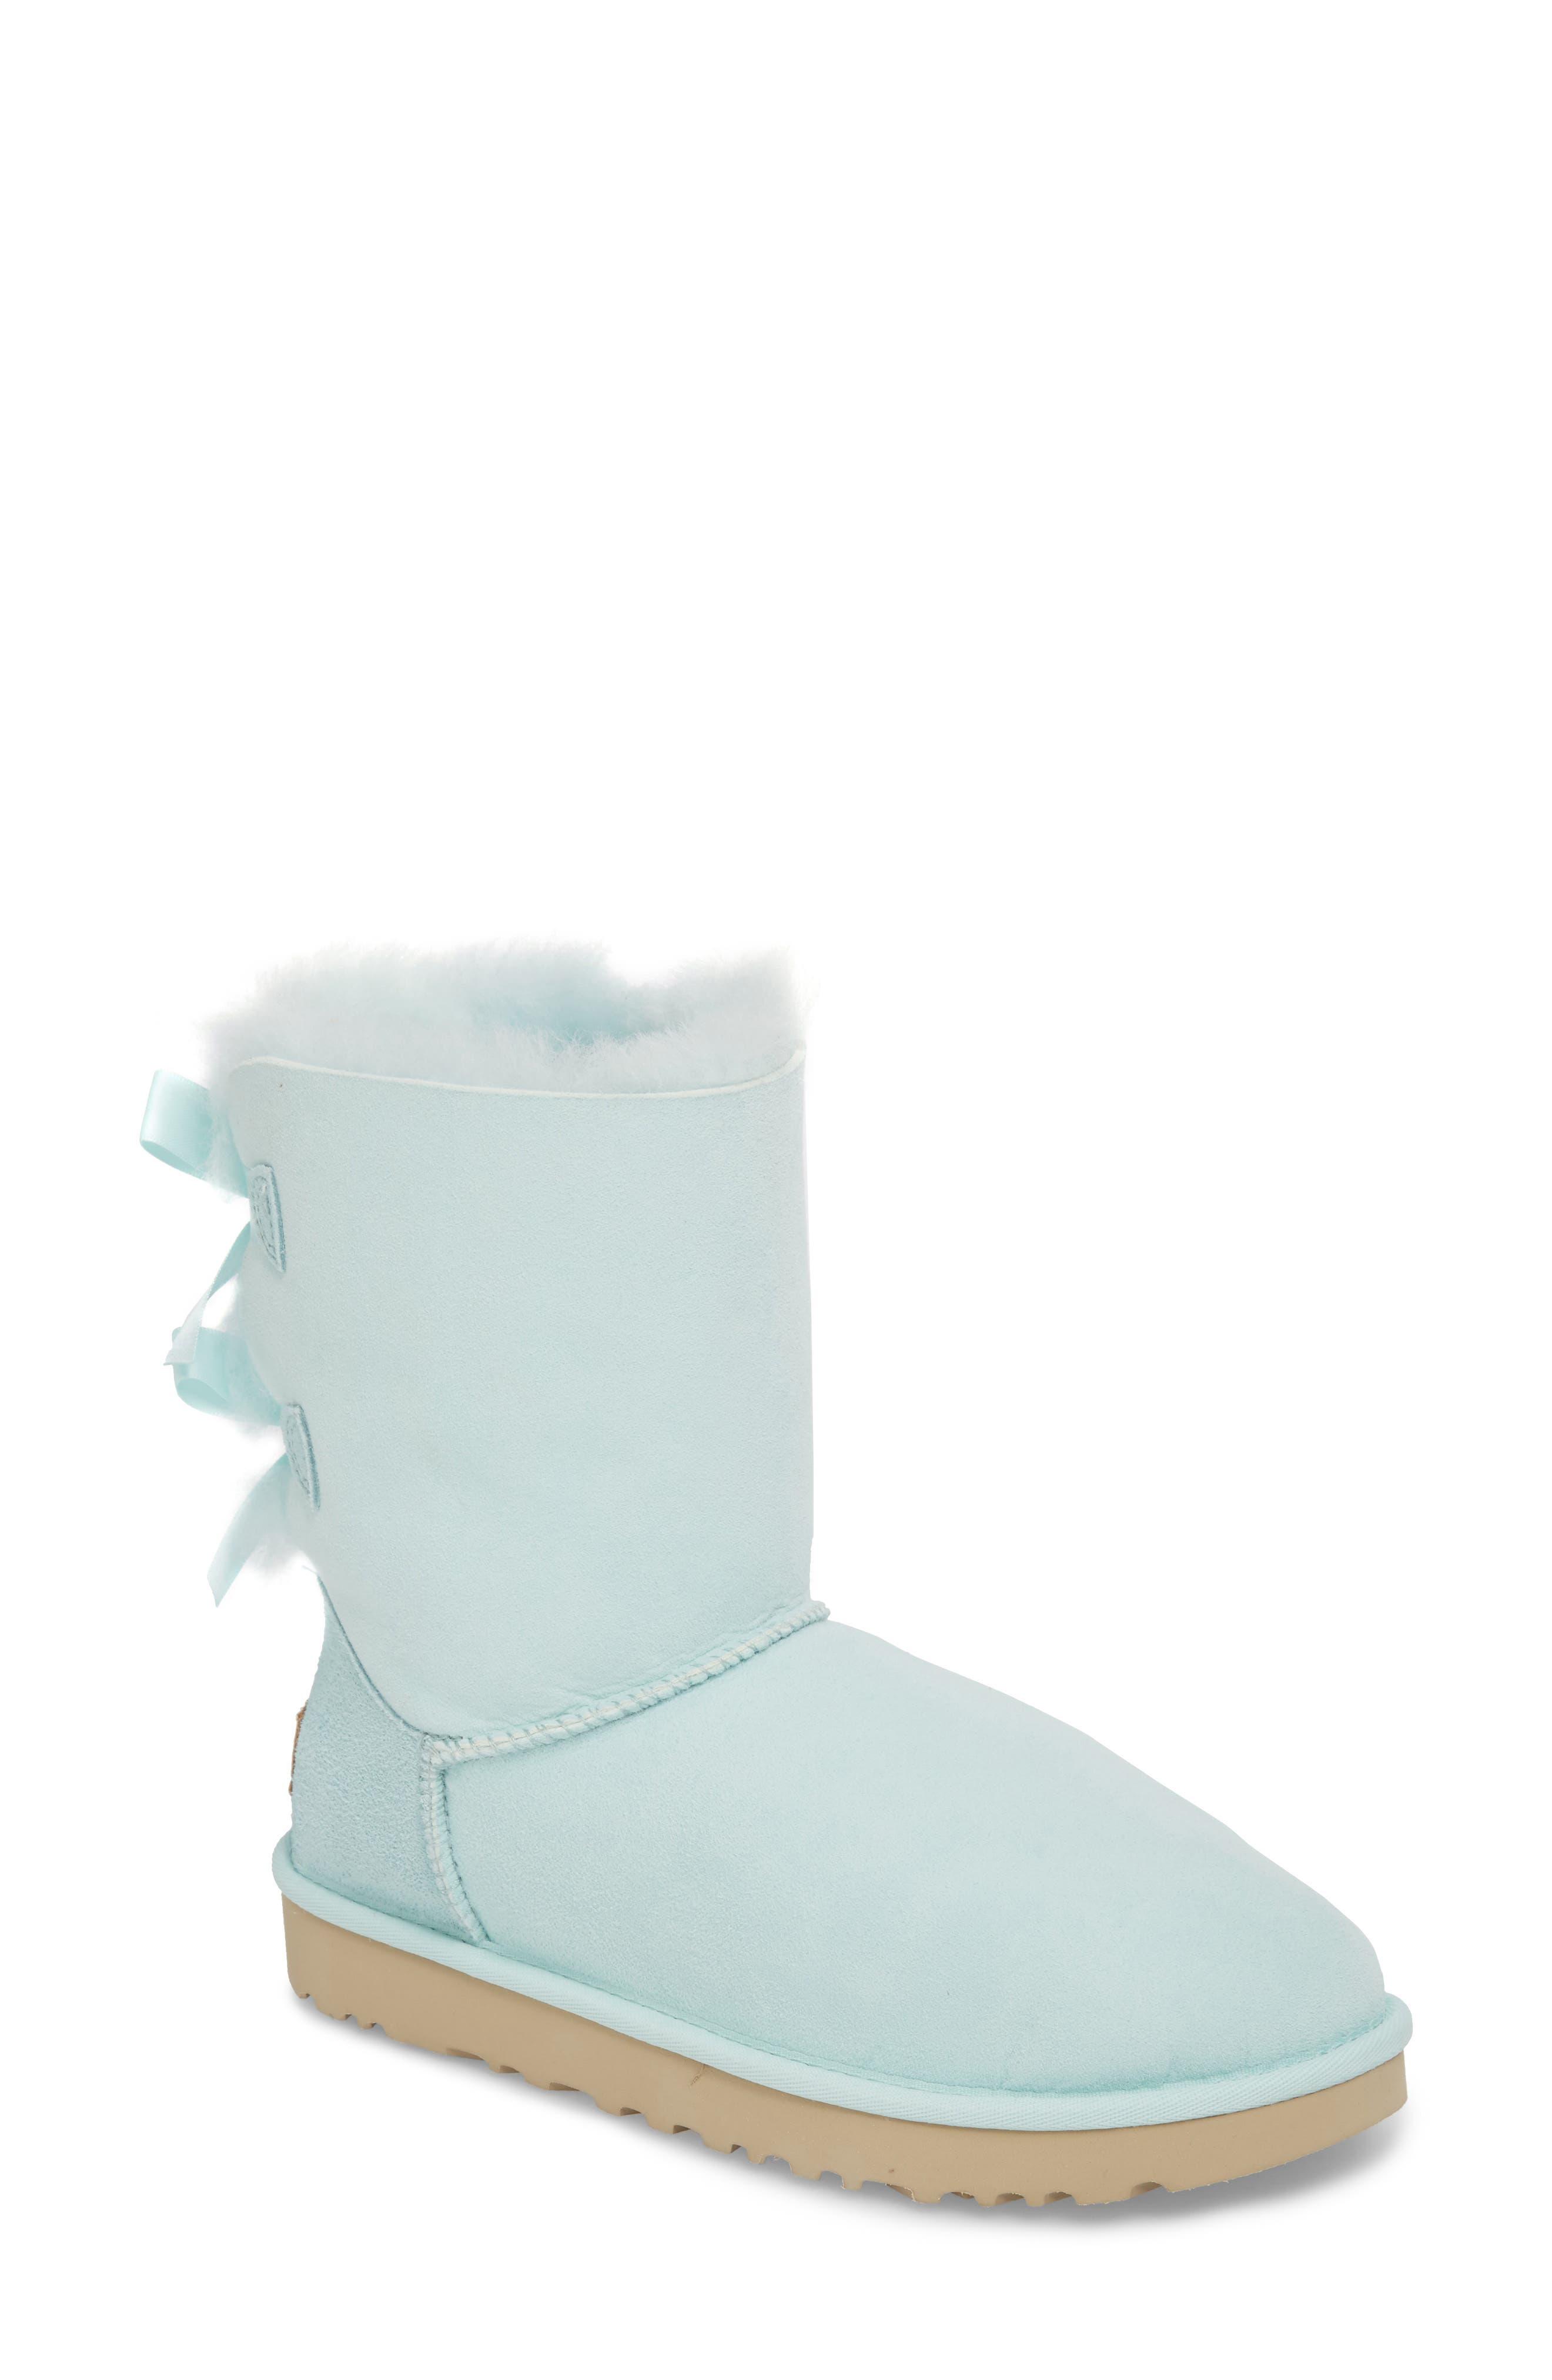 Main Image - UGG® 'Bailey Bow II' Boot (Women)